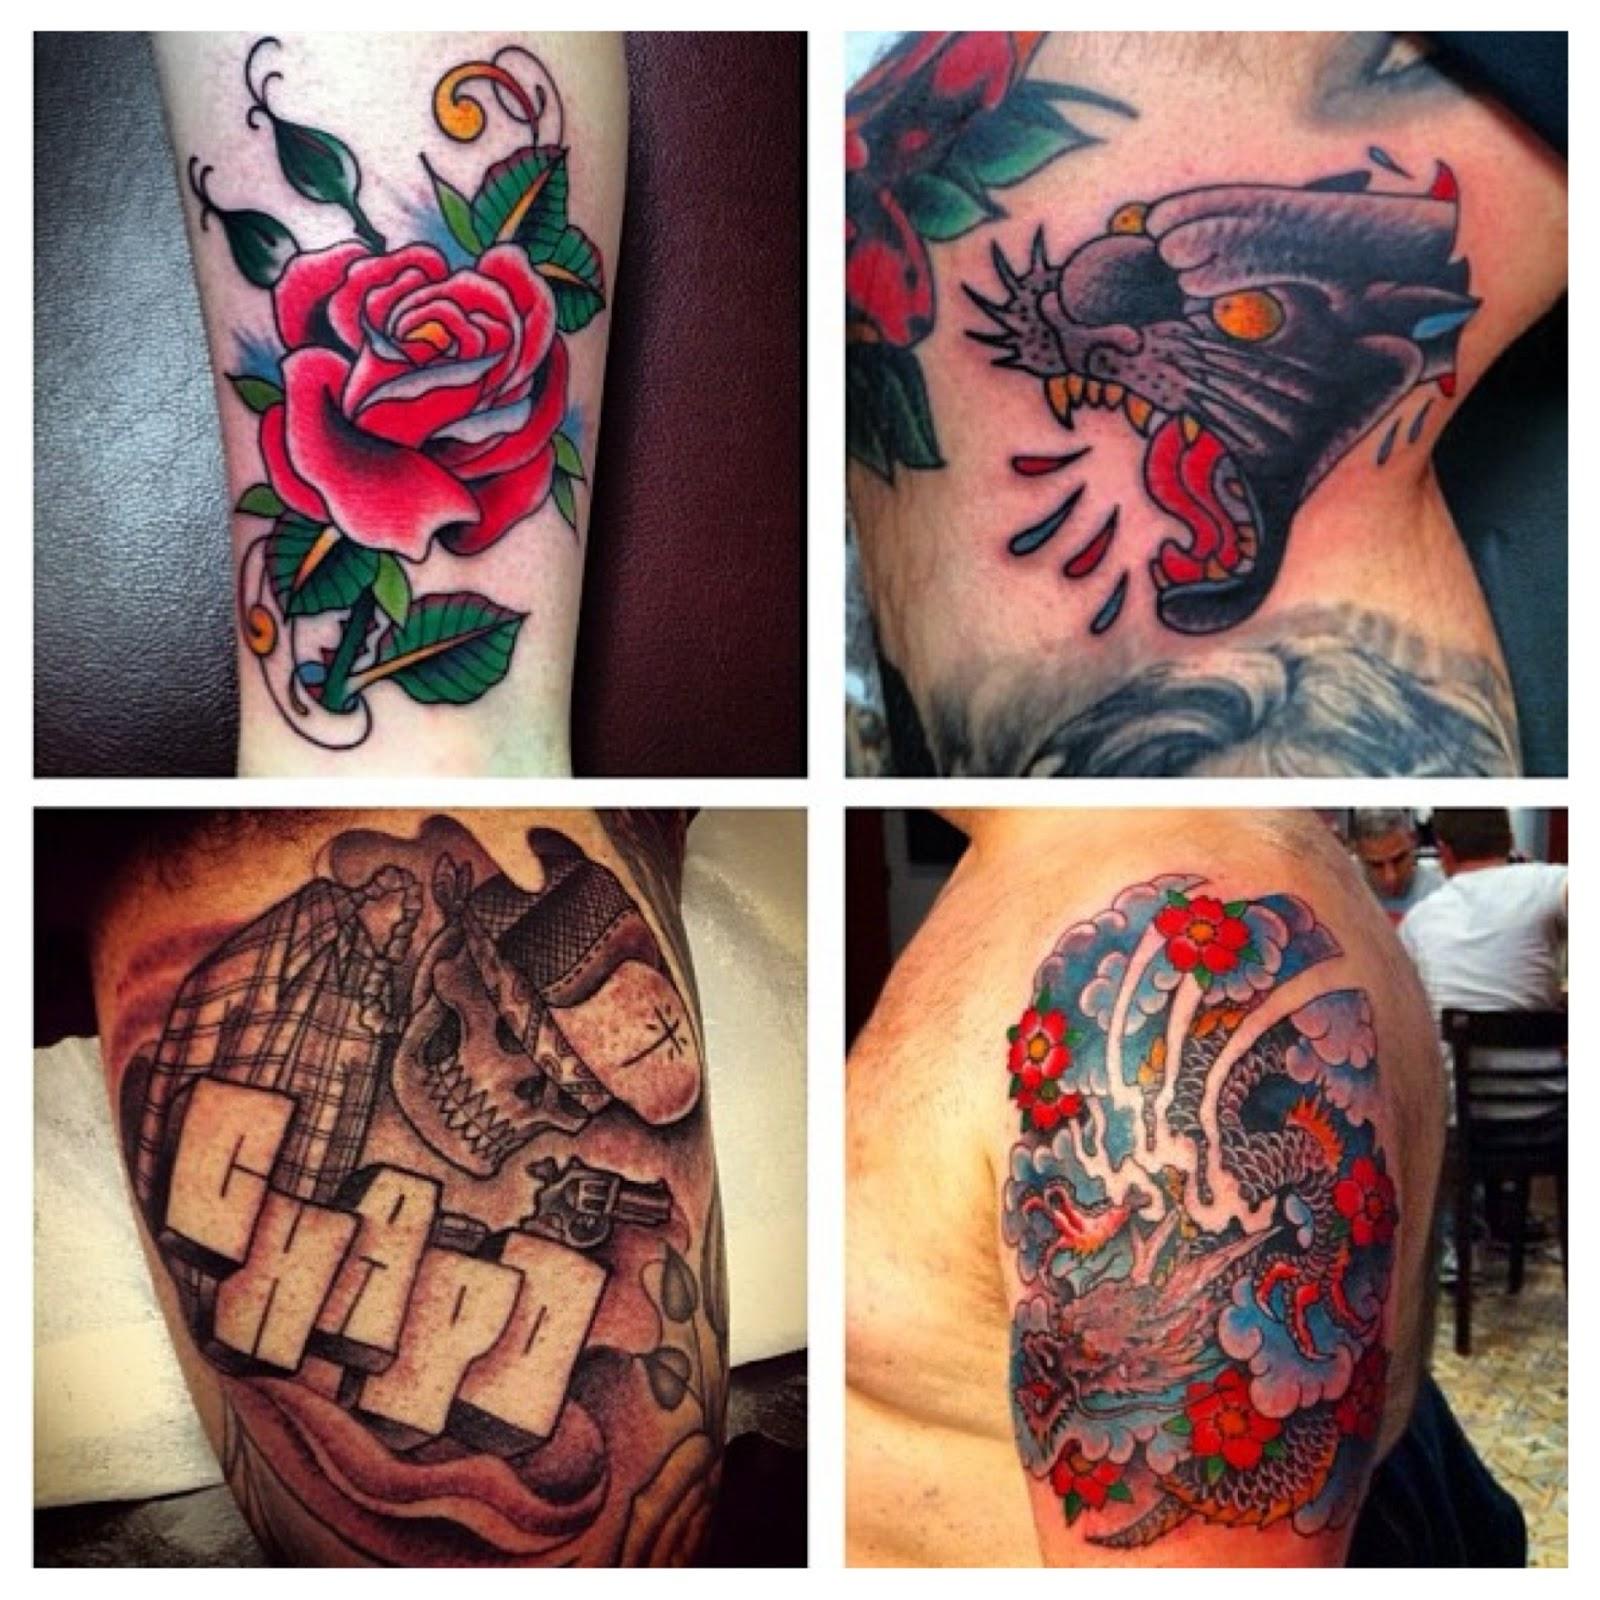 Allstar ink tattoos october 2012 for 15th street tattoo